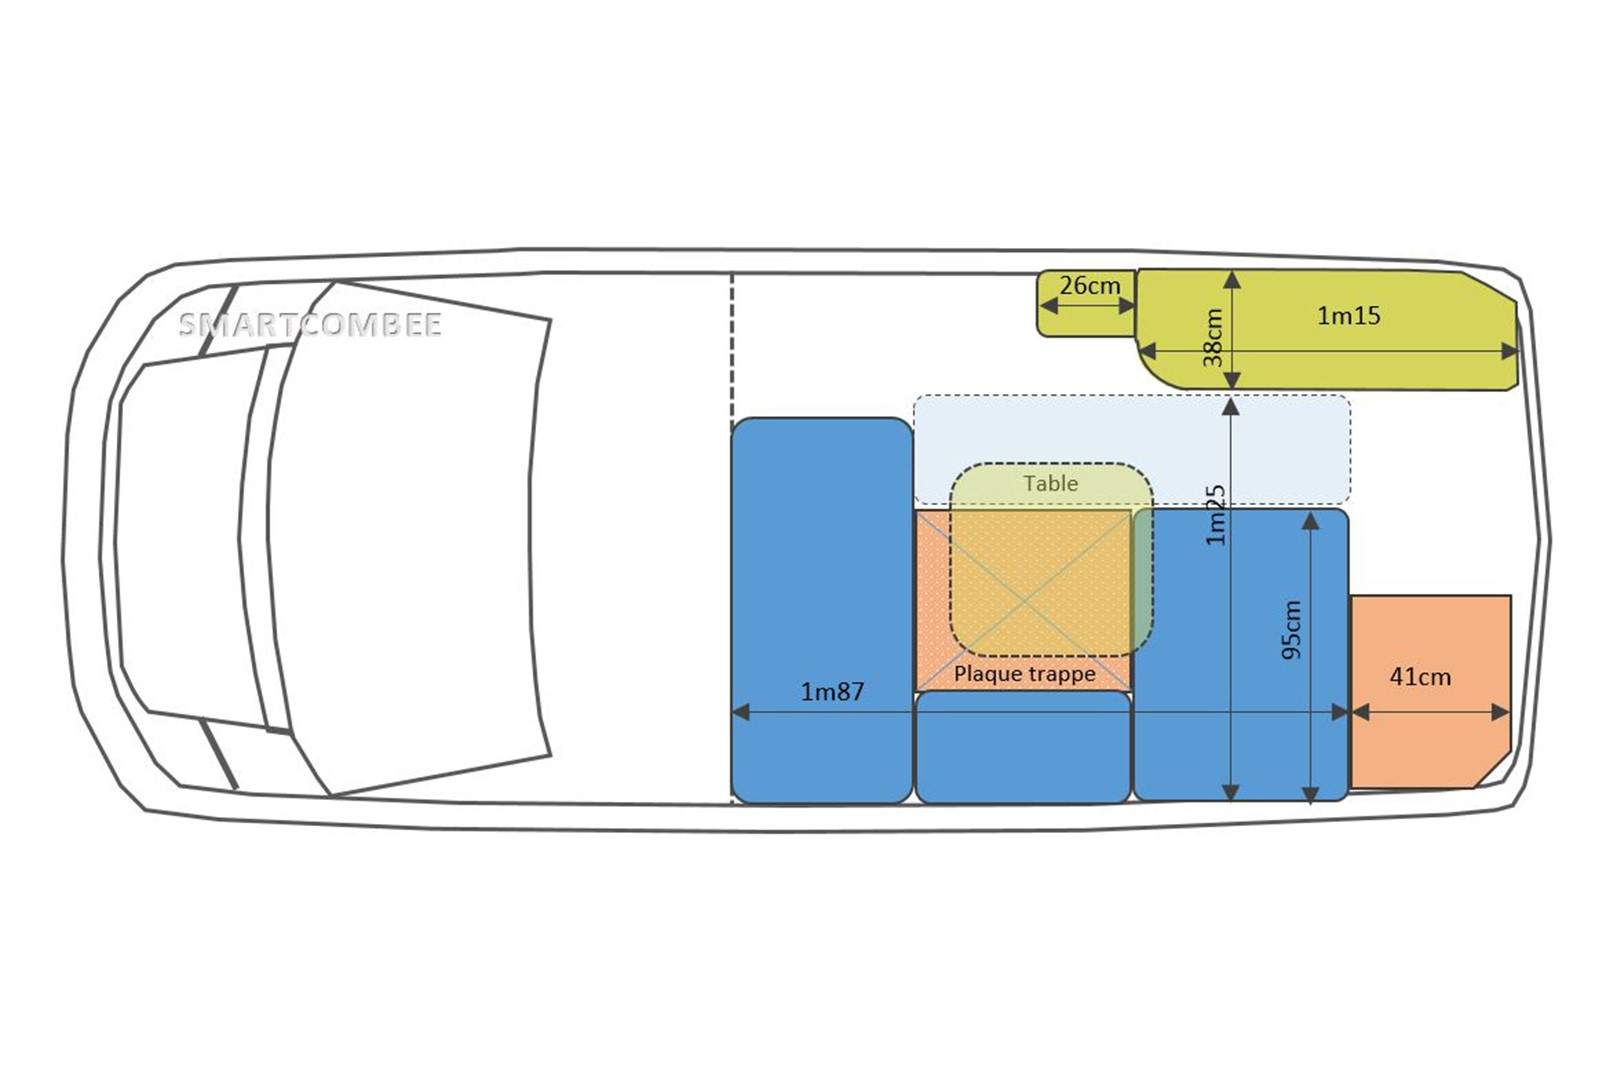 kit d'aménagement pour fourgon : kit Design